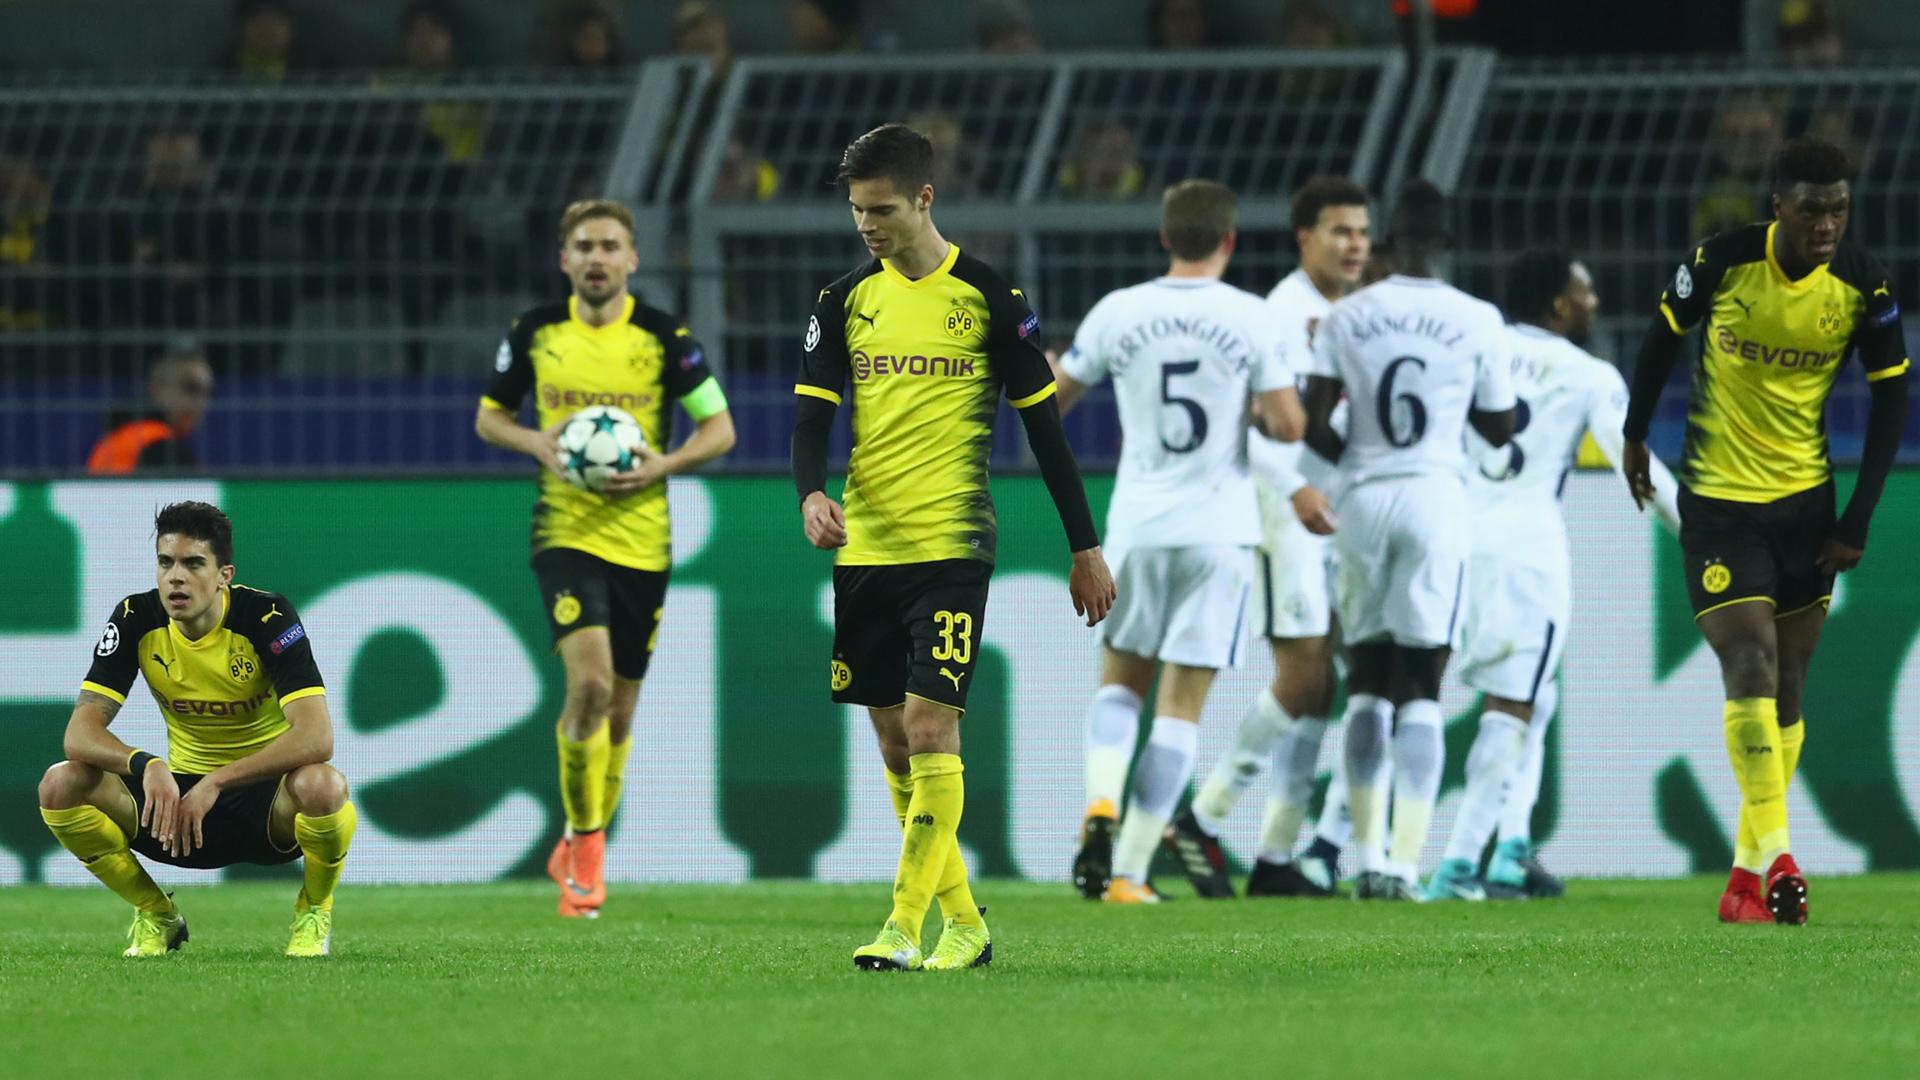 Champions, risulati finali: Asensio trascina il Real, Tottenham a valanga sul Borussia